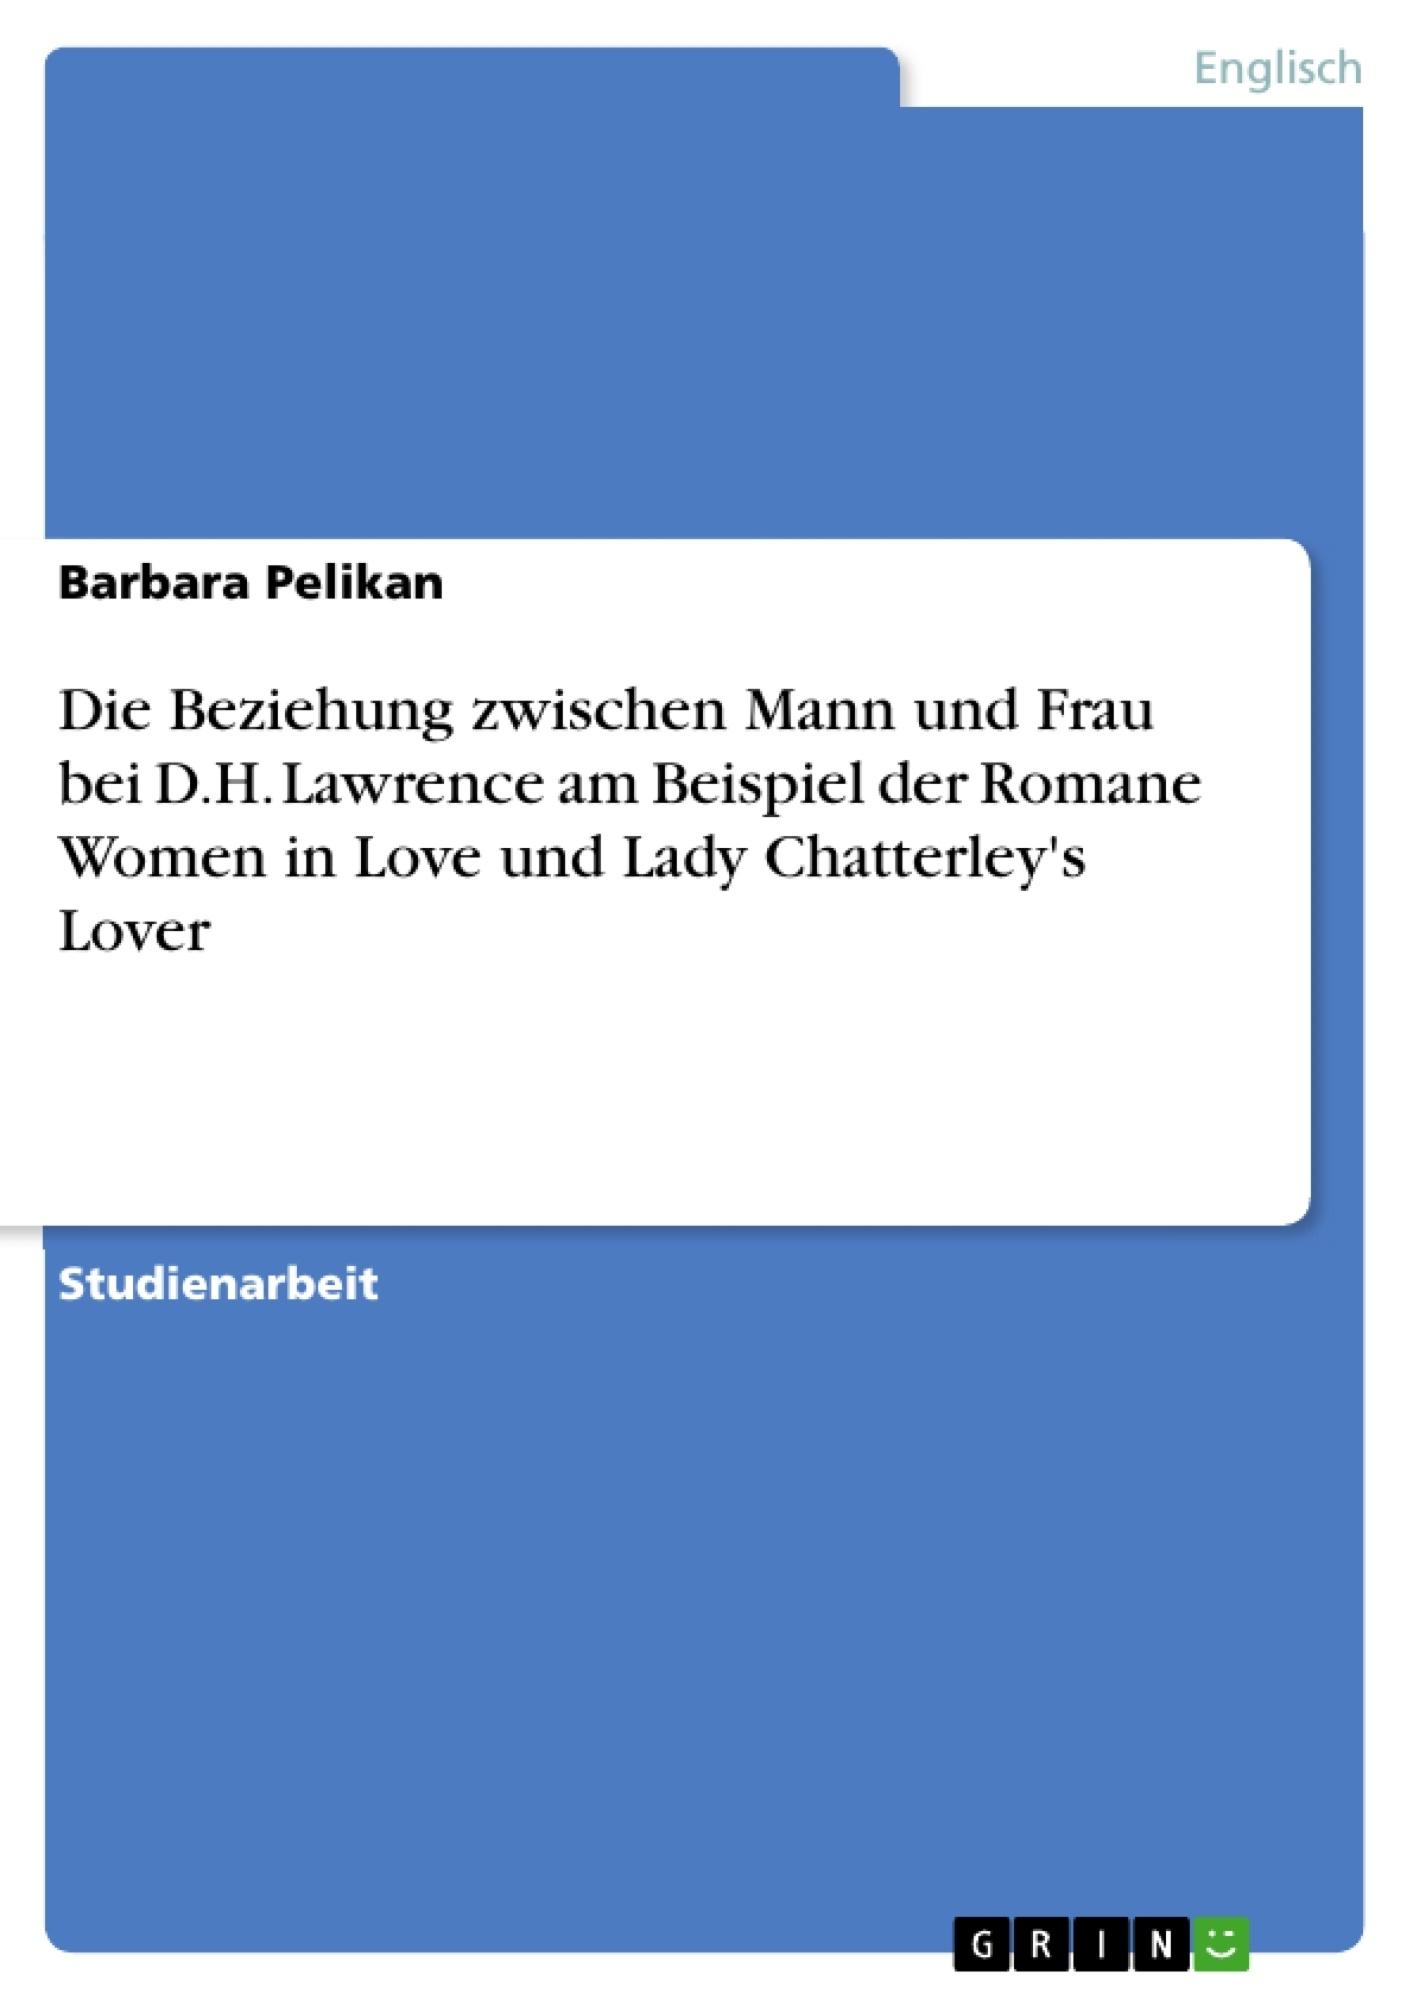 Titel: Die Beziehung zwischen Mann und Frau bei D.H. Lawrence am Beispiel der Romane Women in Love und Lady Chatterley's Lover